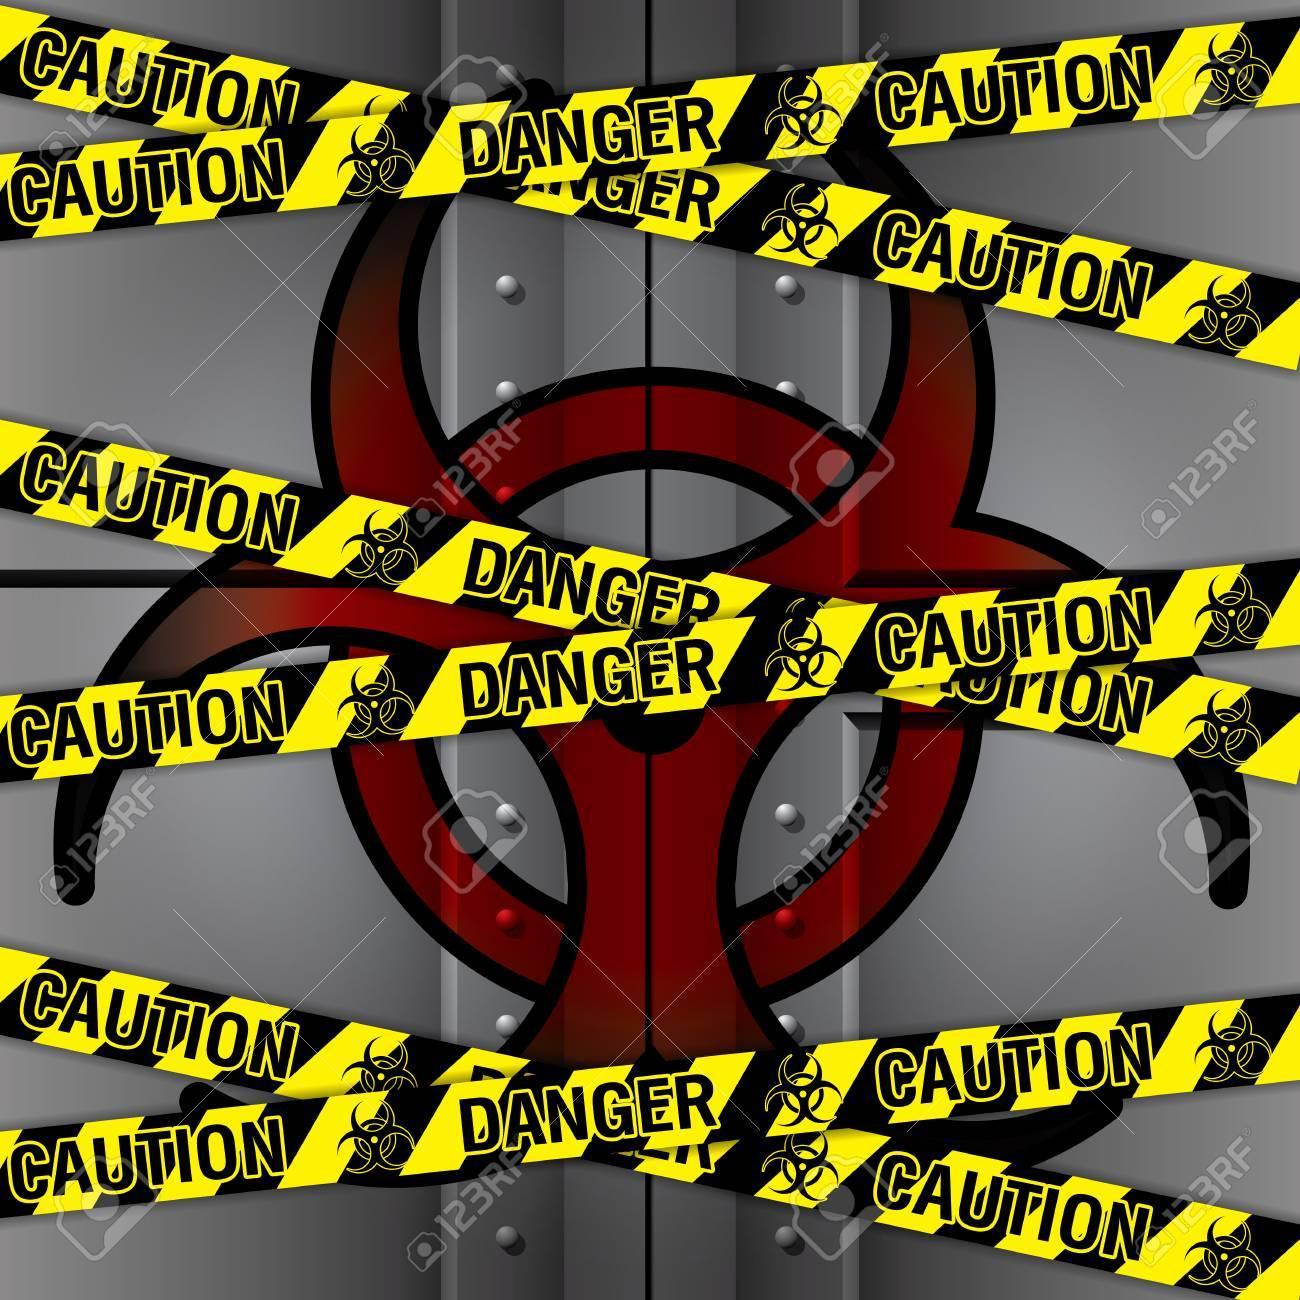 バイオハザード実験室鉄ドア警察セキュリティ テープのイラストの